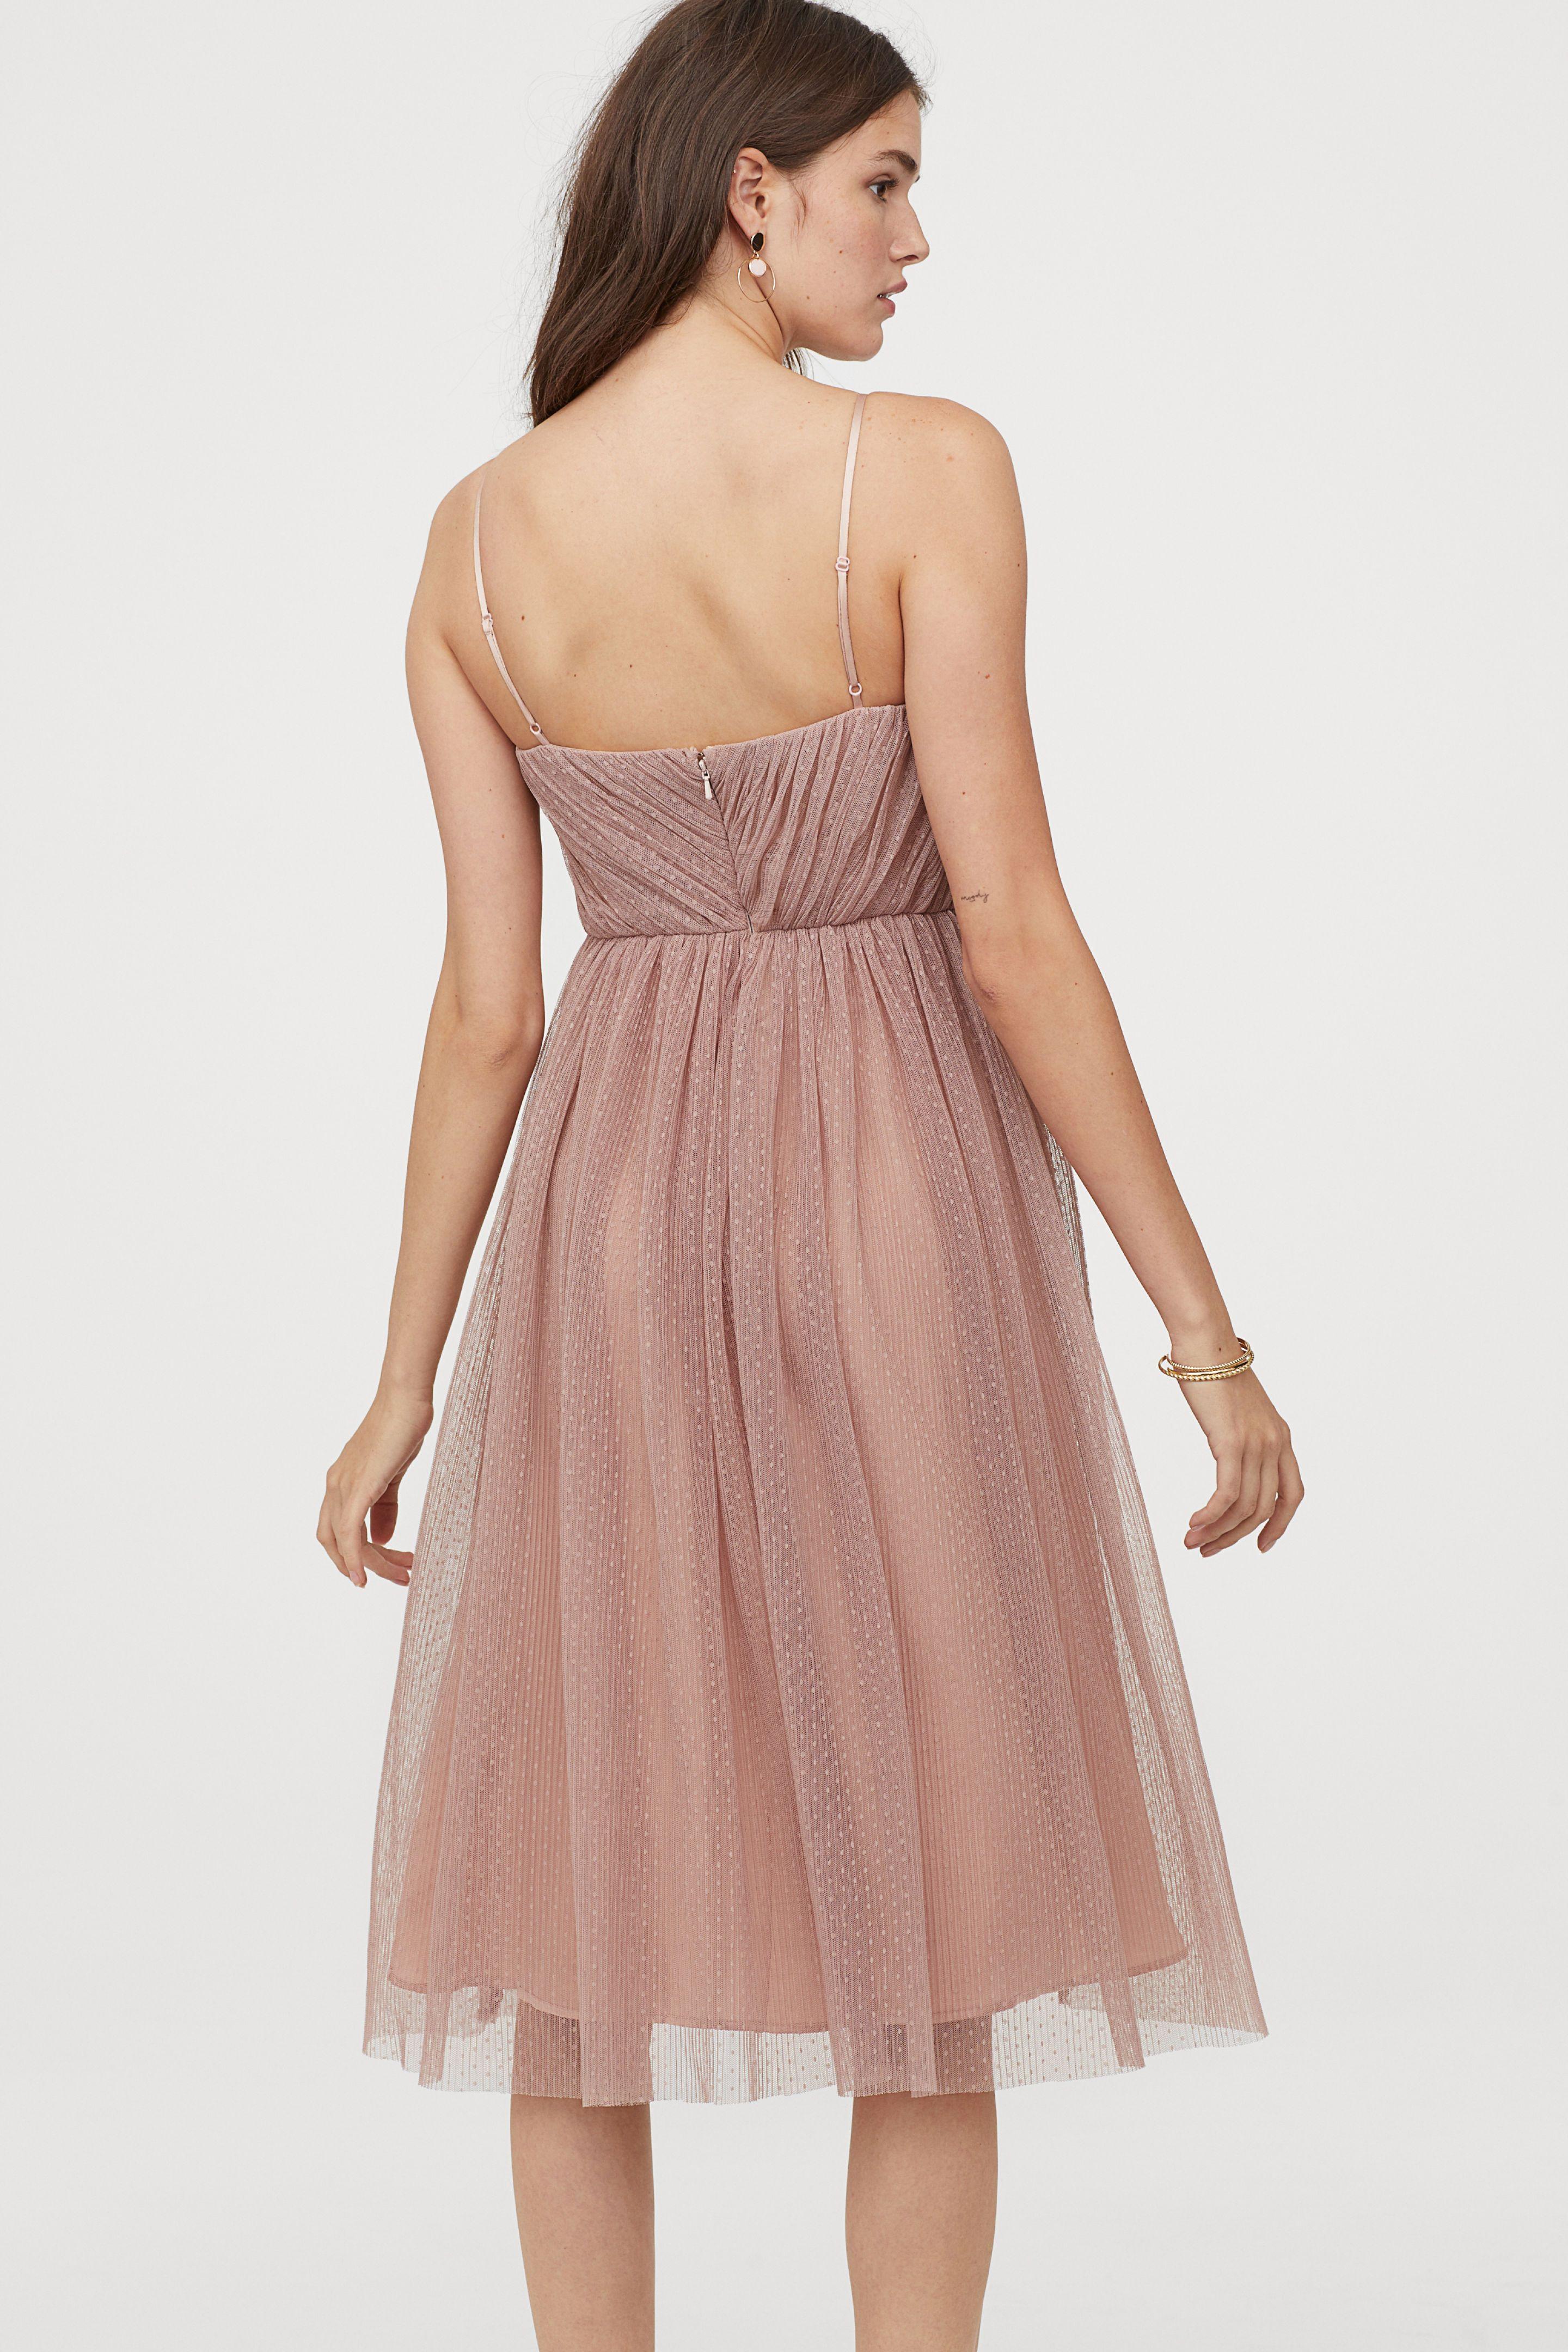 Pdp Tullkleidchen Wadenlanges Kleid Kleider H M